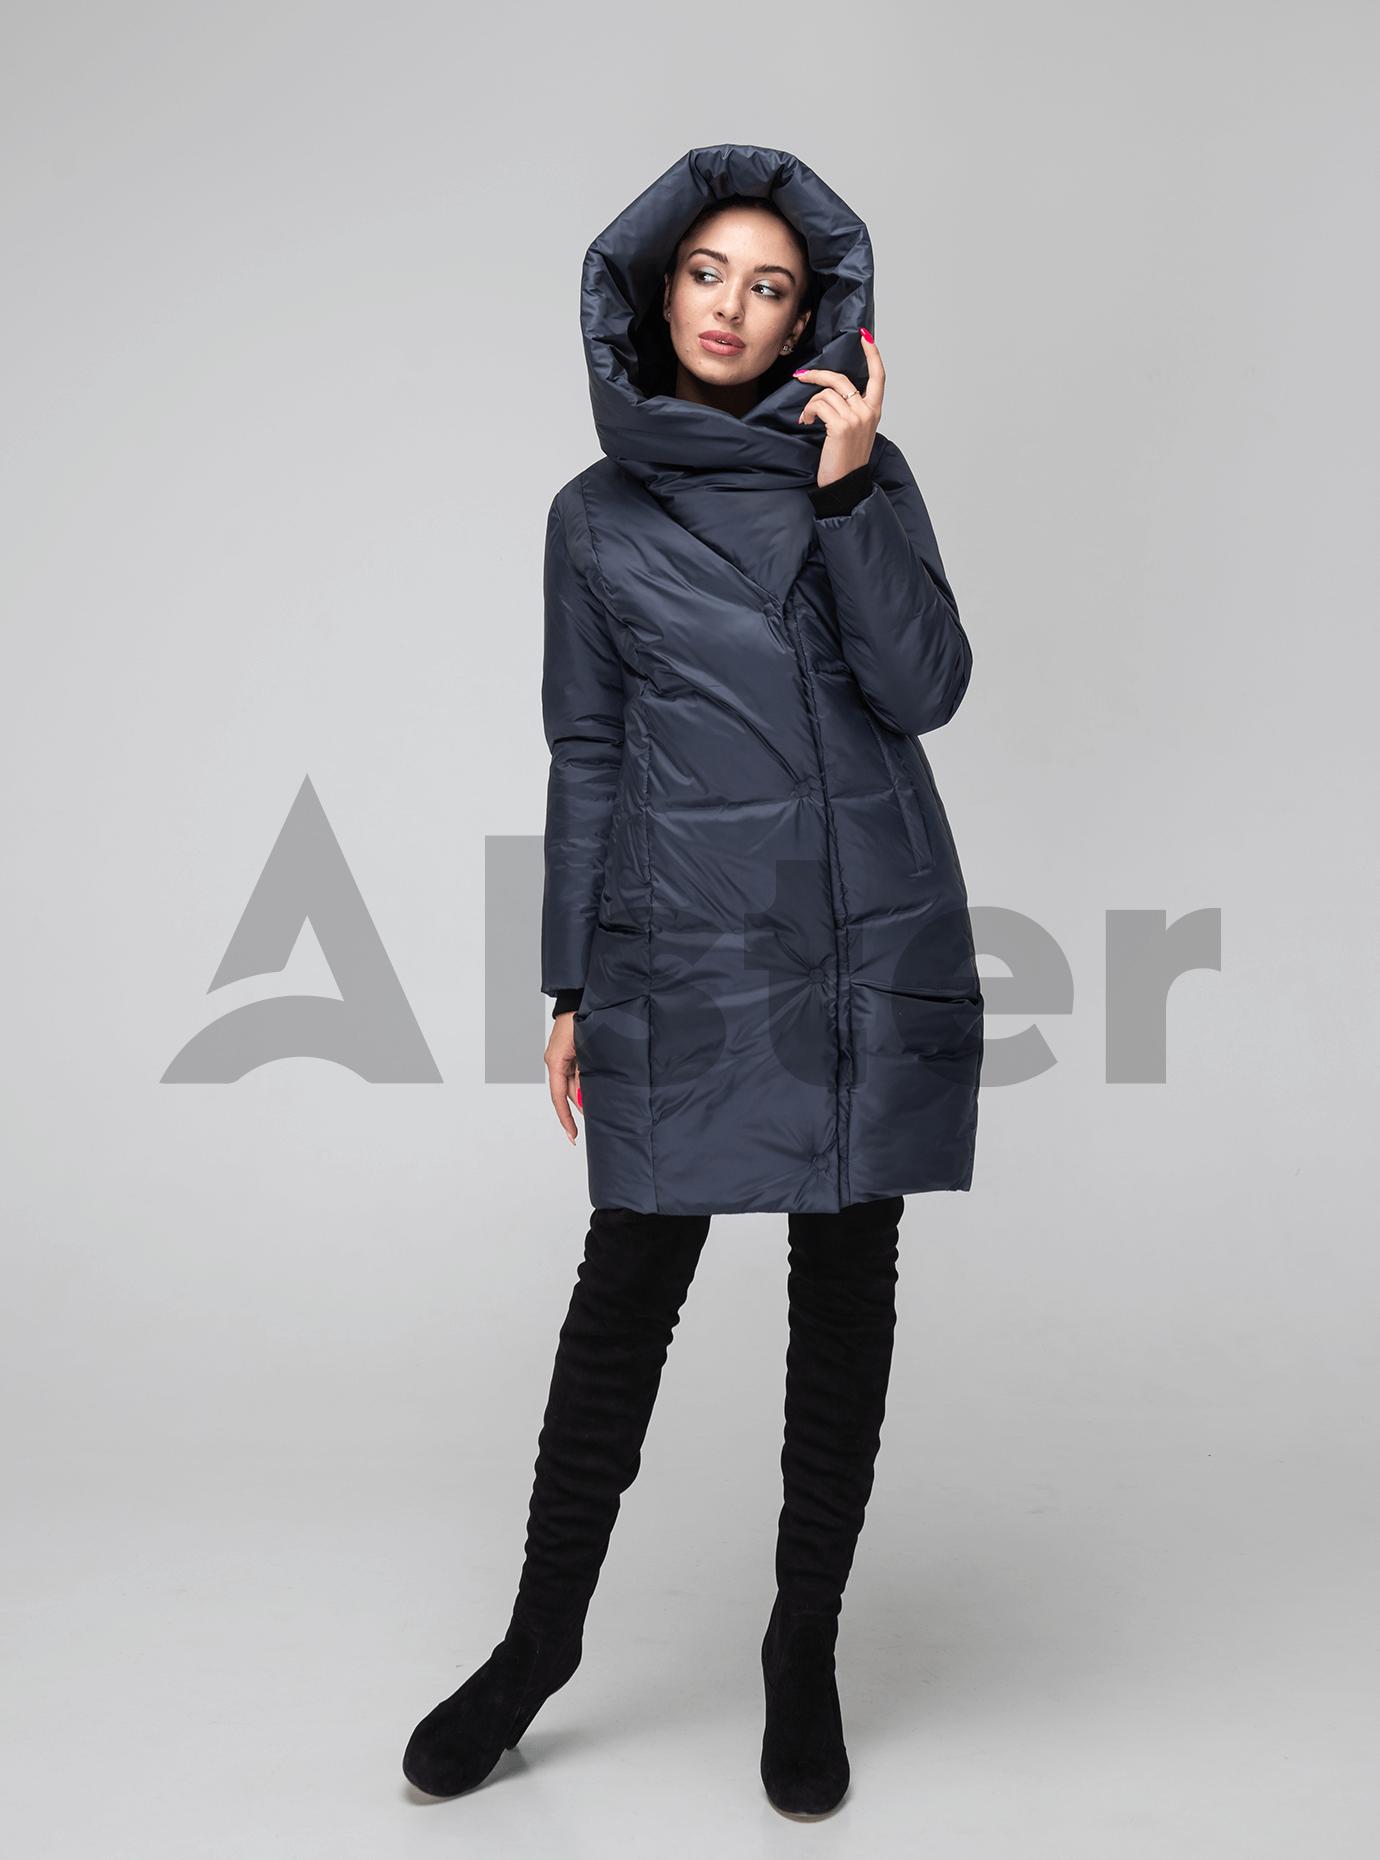 Женская куртка зимняя капюшон-хомут Тёмно-серый 42 (02-KT190229): фото - Alster.ua